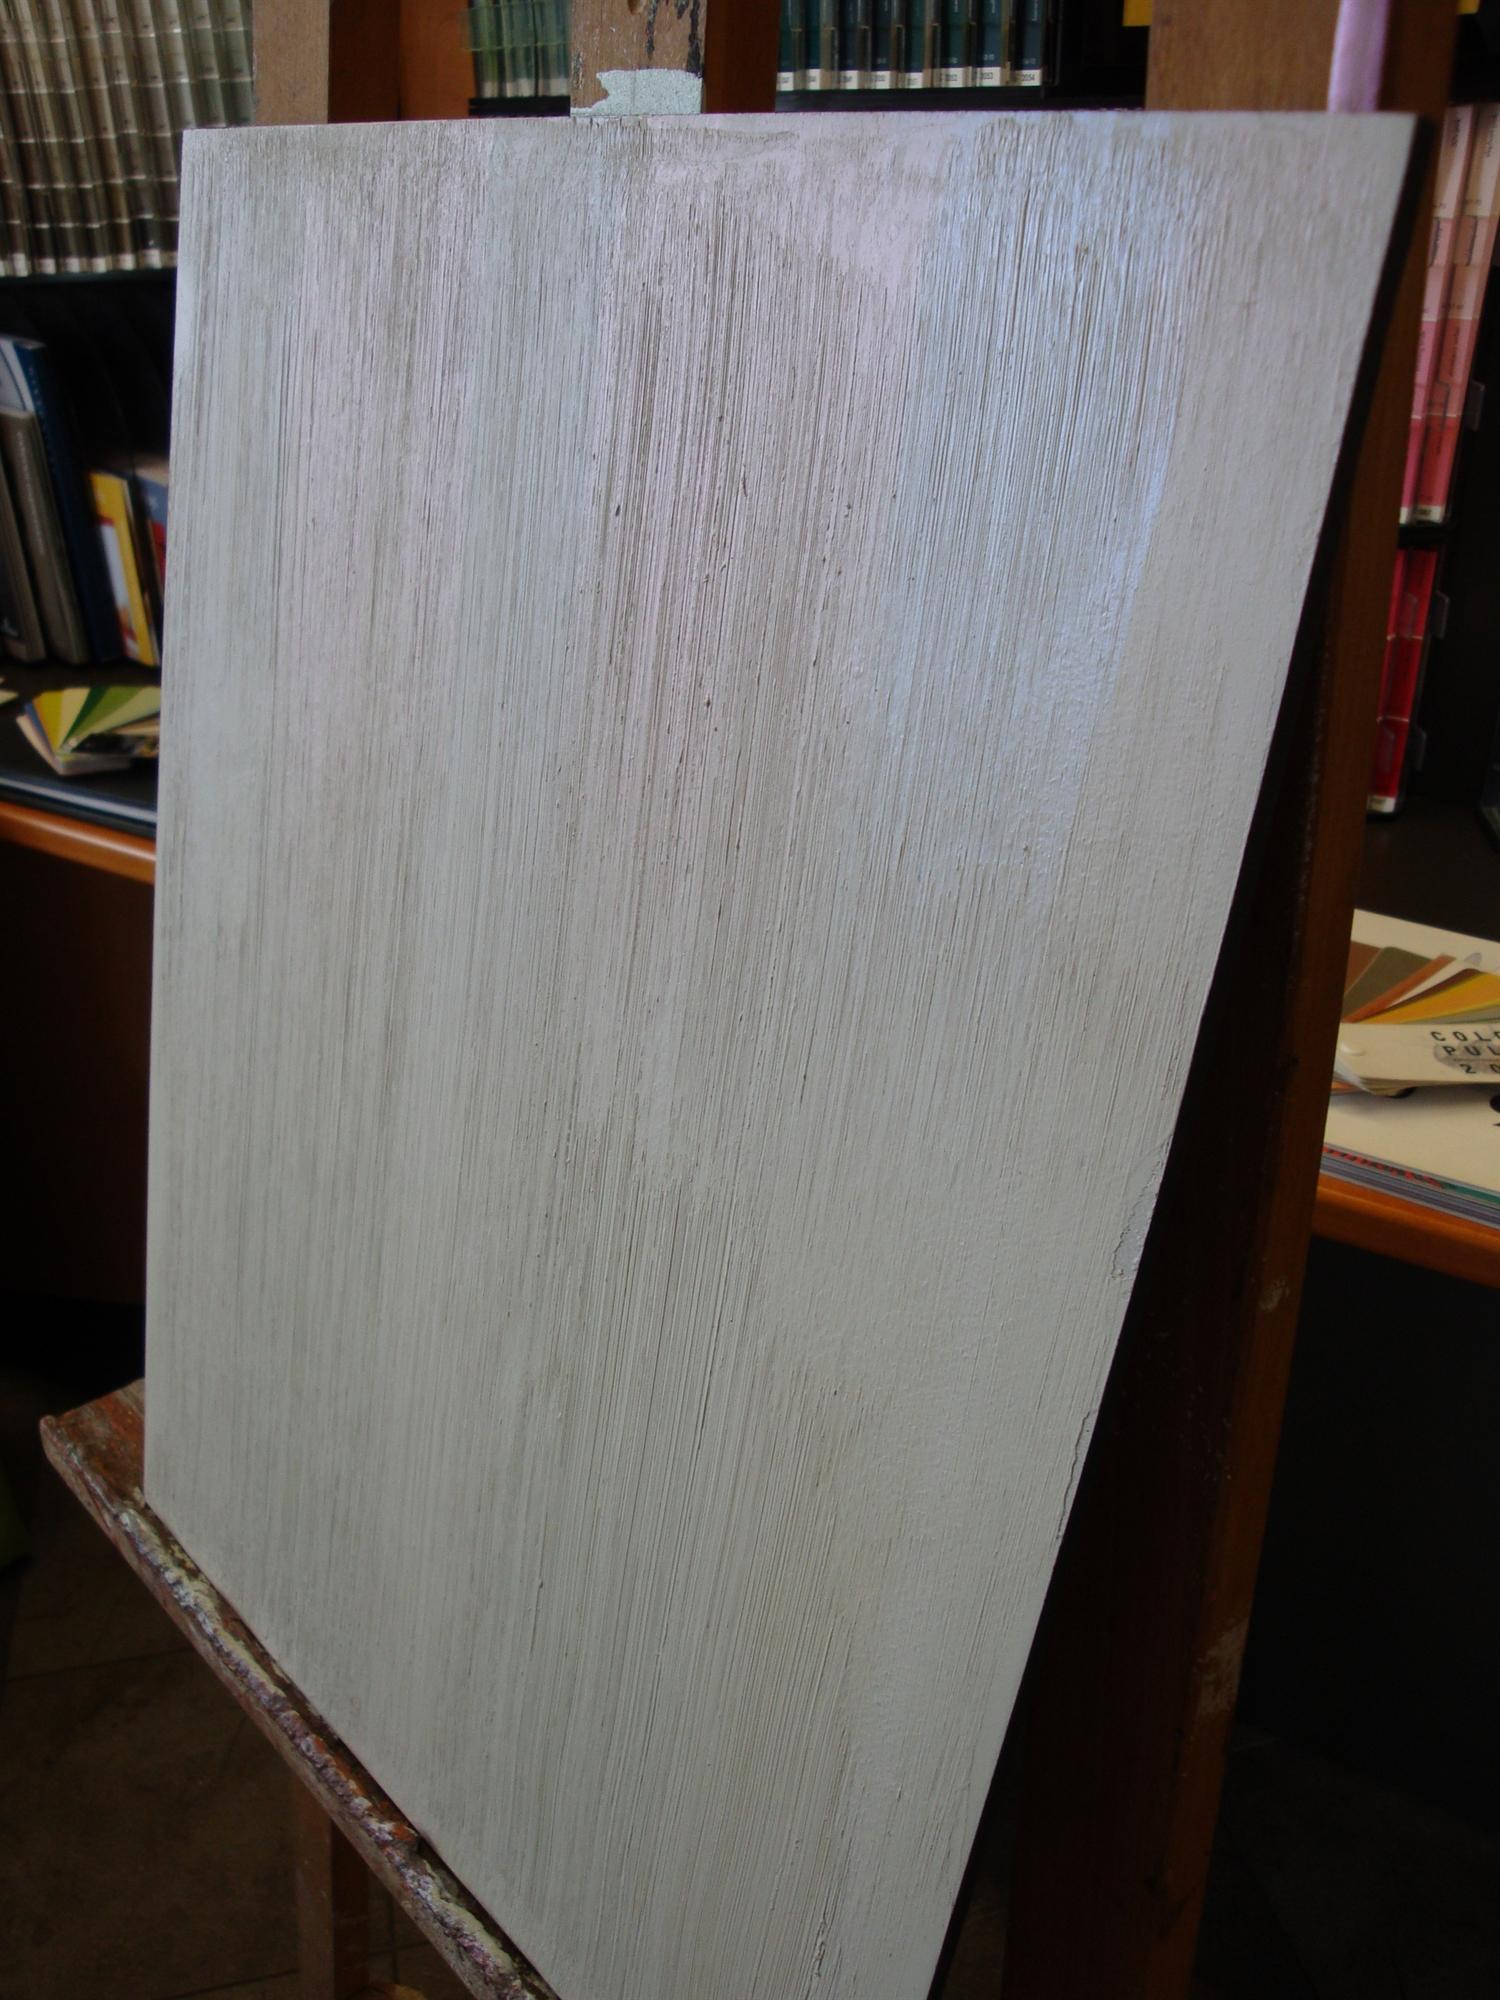 17 benjamin moore paints silk effect wall decorating home decor ideas interior design malowanie scian urzadzanie mieszkania projwktowanie wnetrz pomysly do domu sciana z dzinsu jeans wall